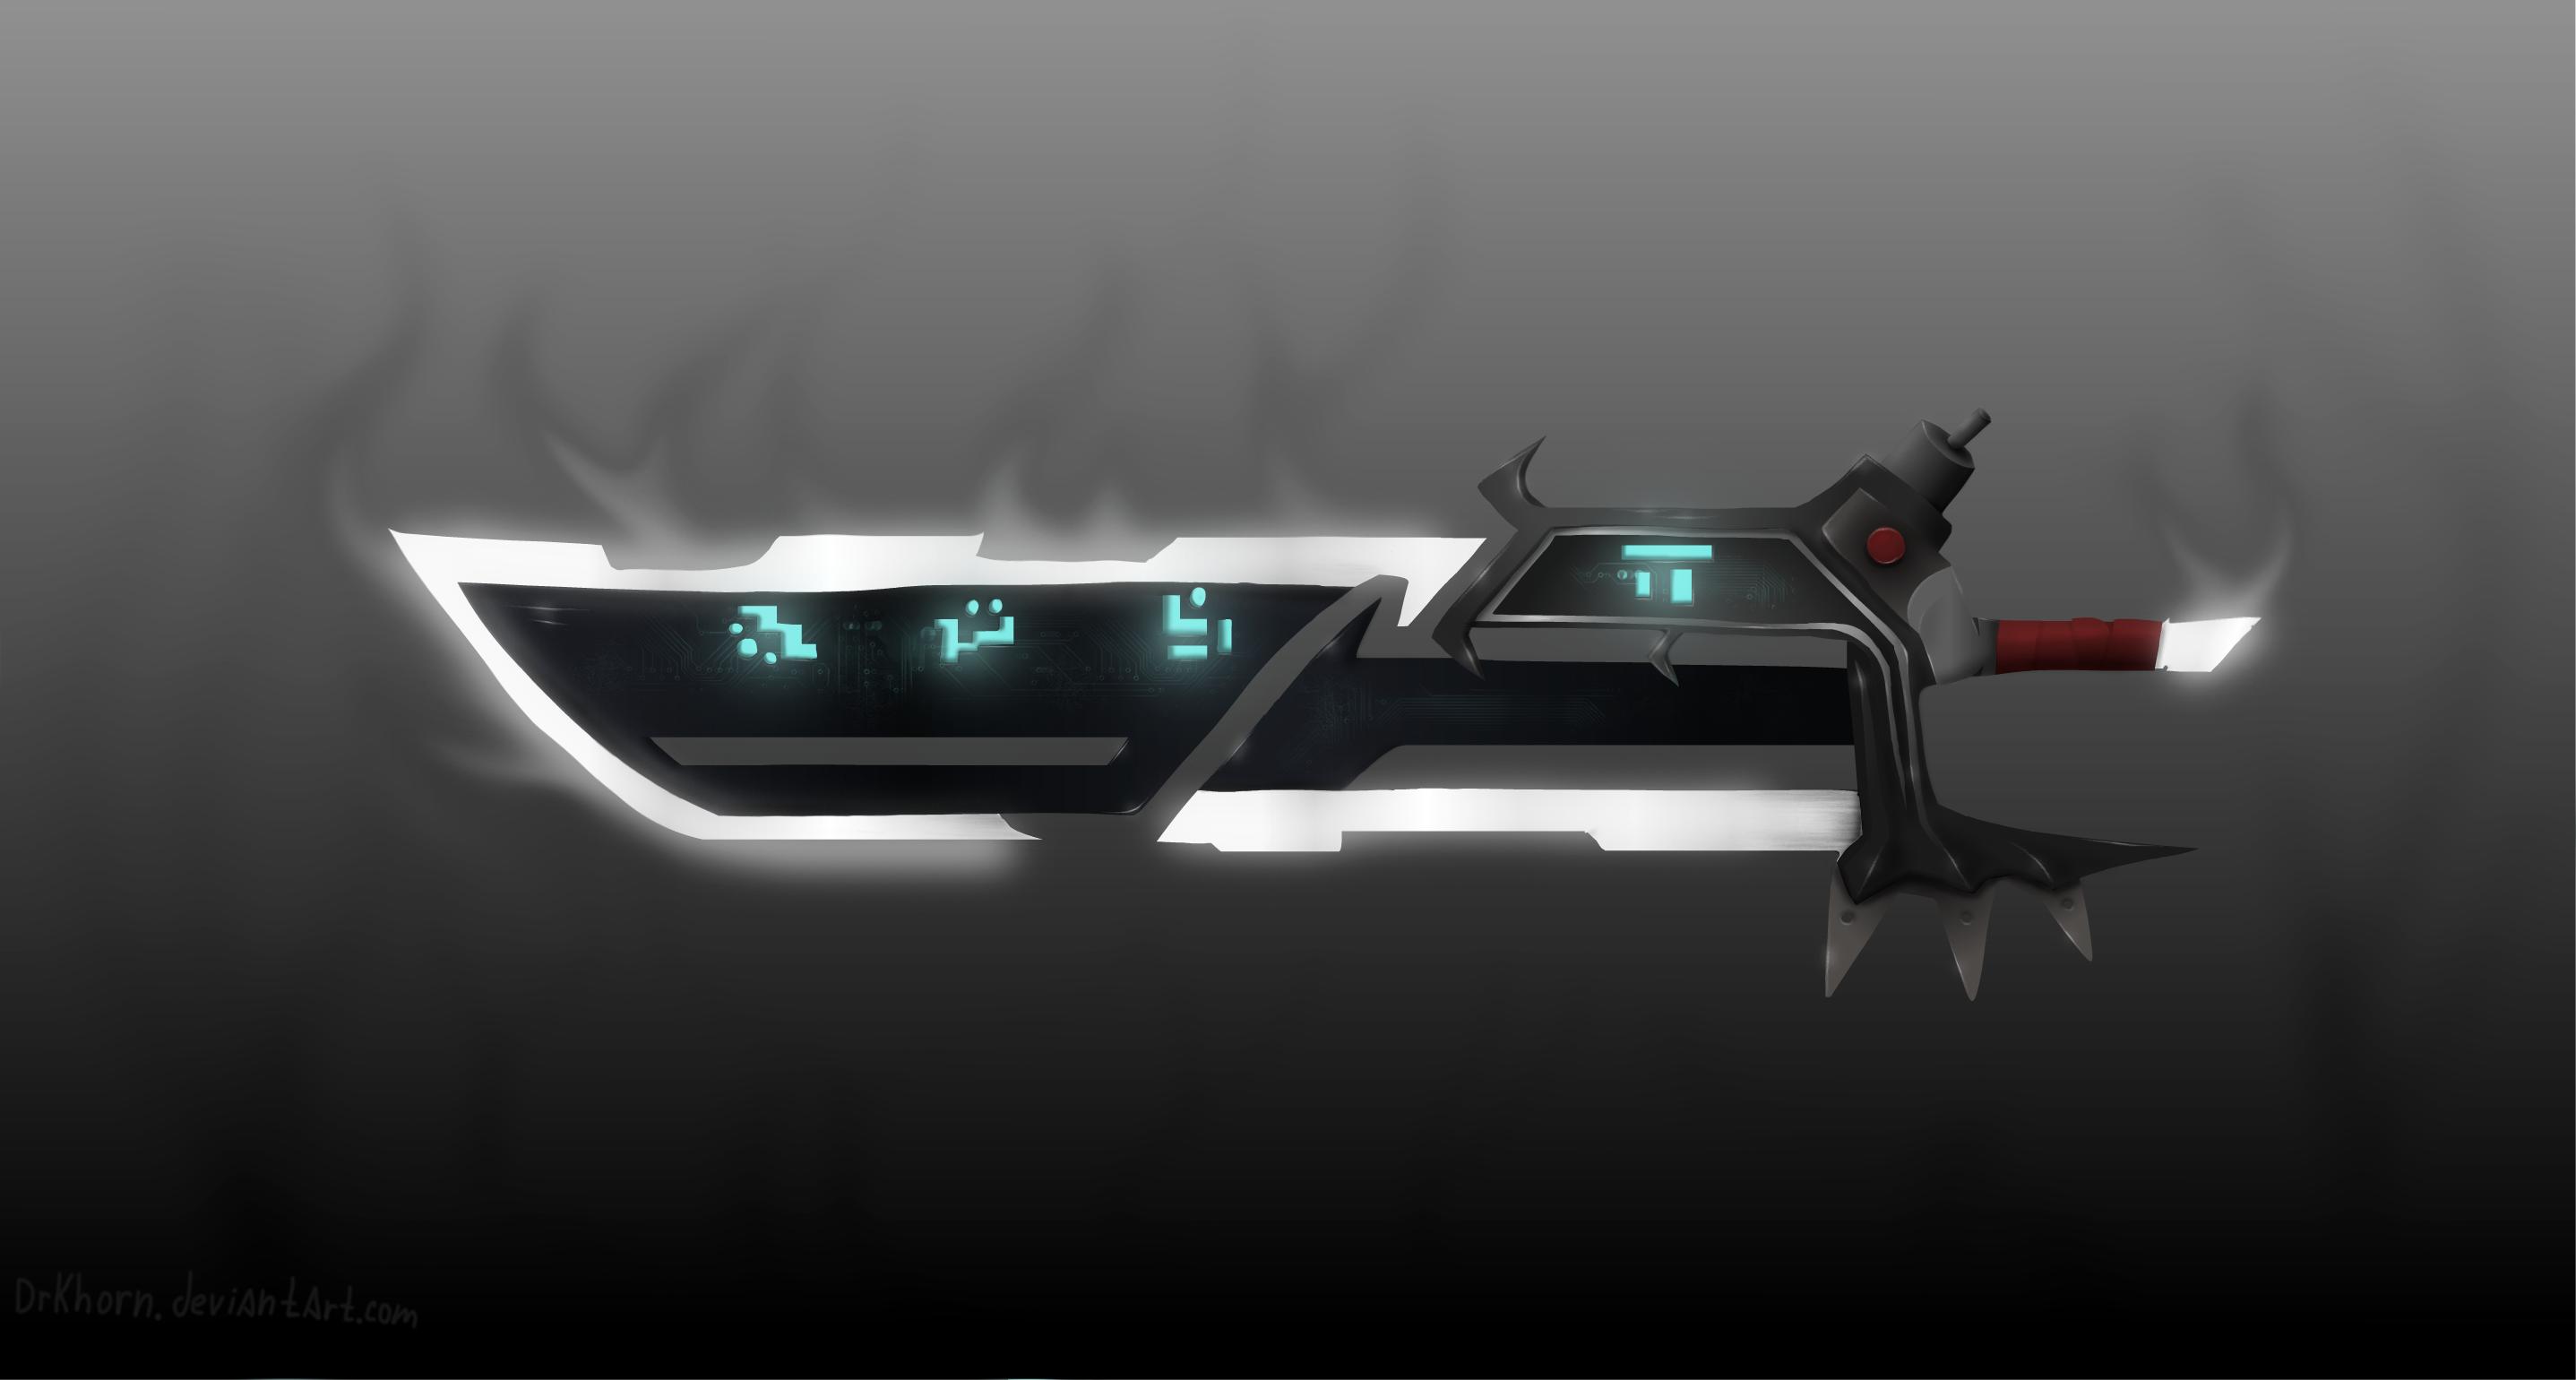 Crimson elite blade (Riven) by DrKhorn on DeviantArt